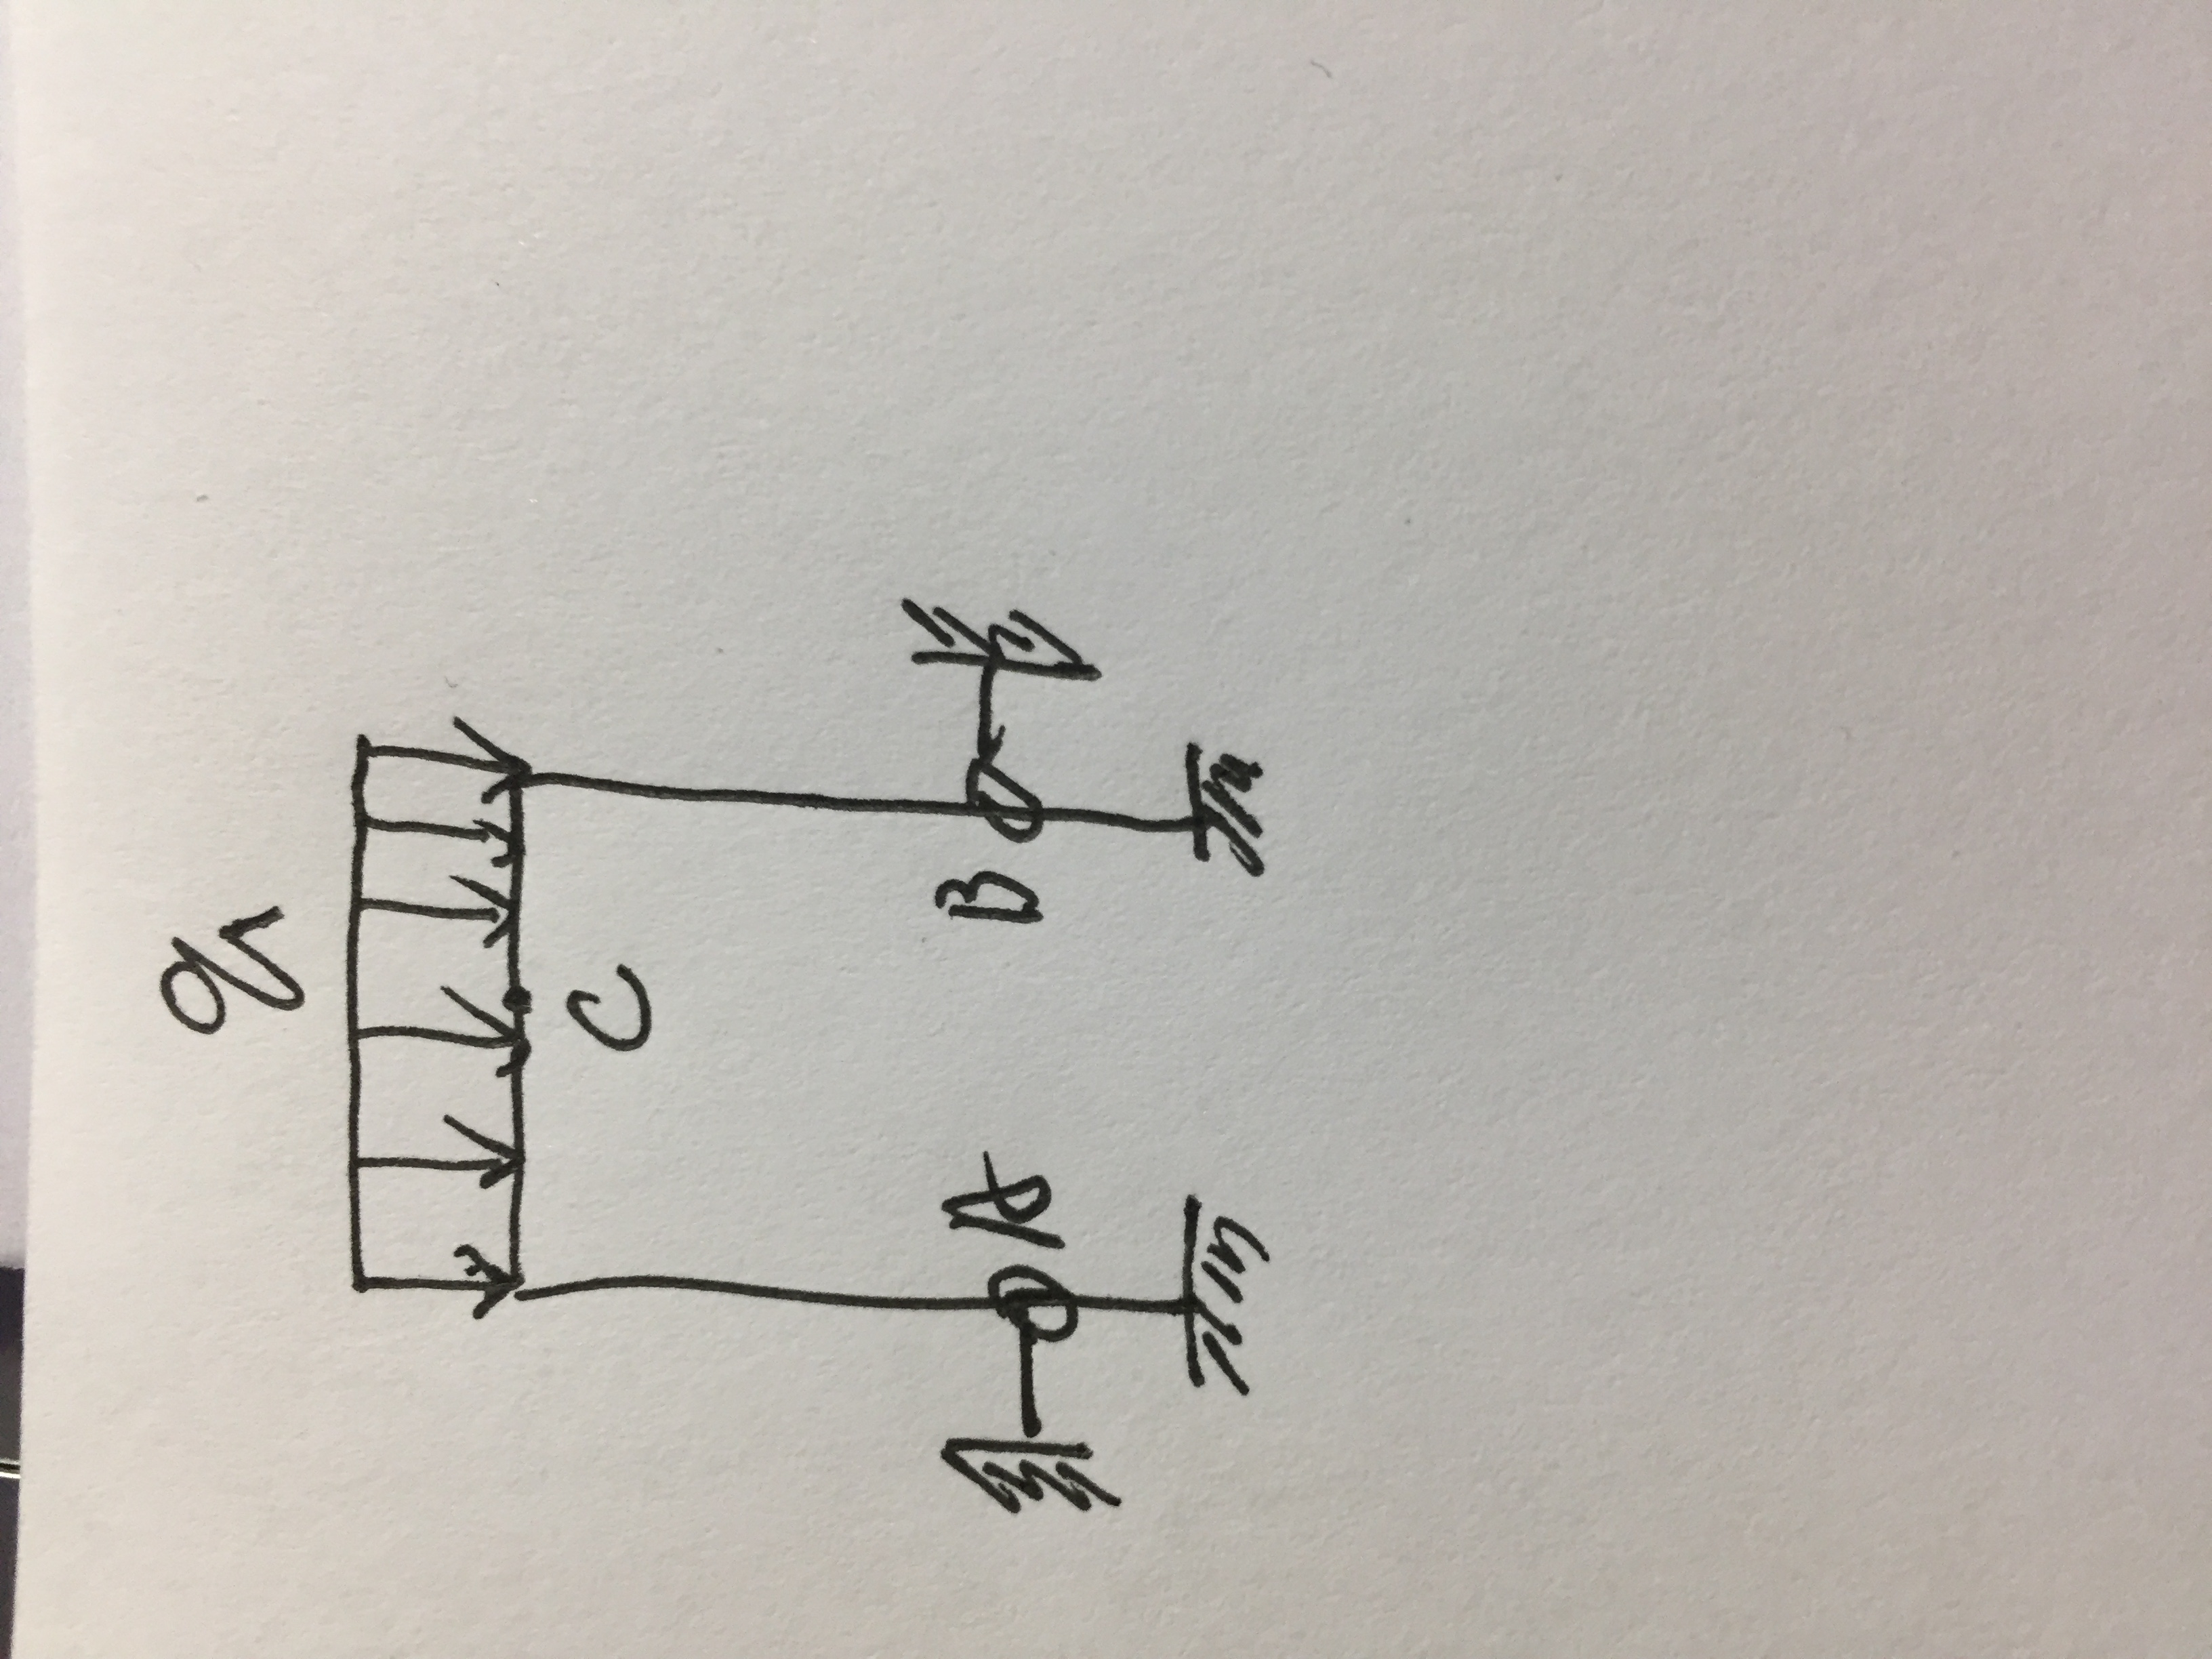 静定刚架题_试画出静定刚架ac.bc和整体的受力图